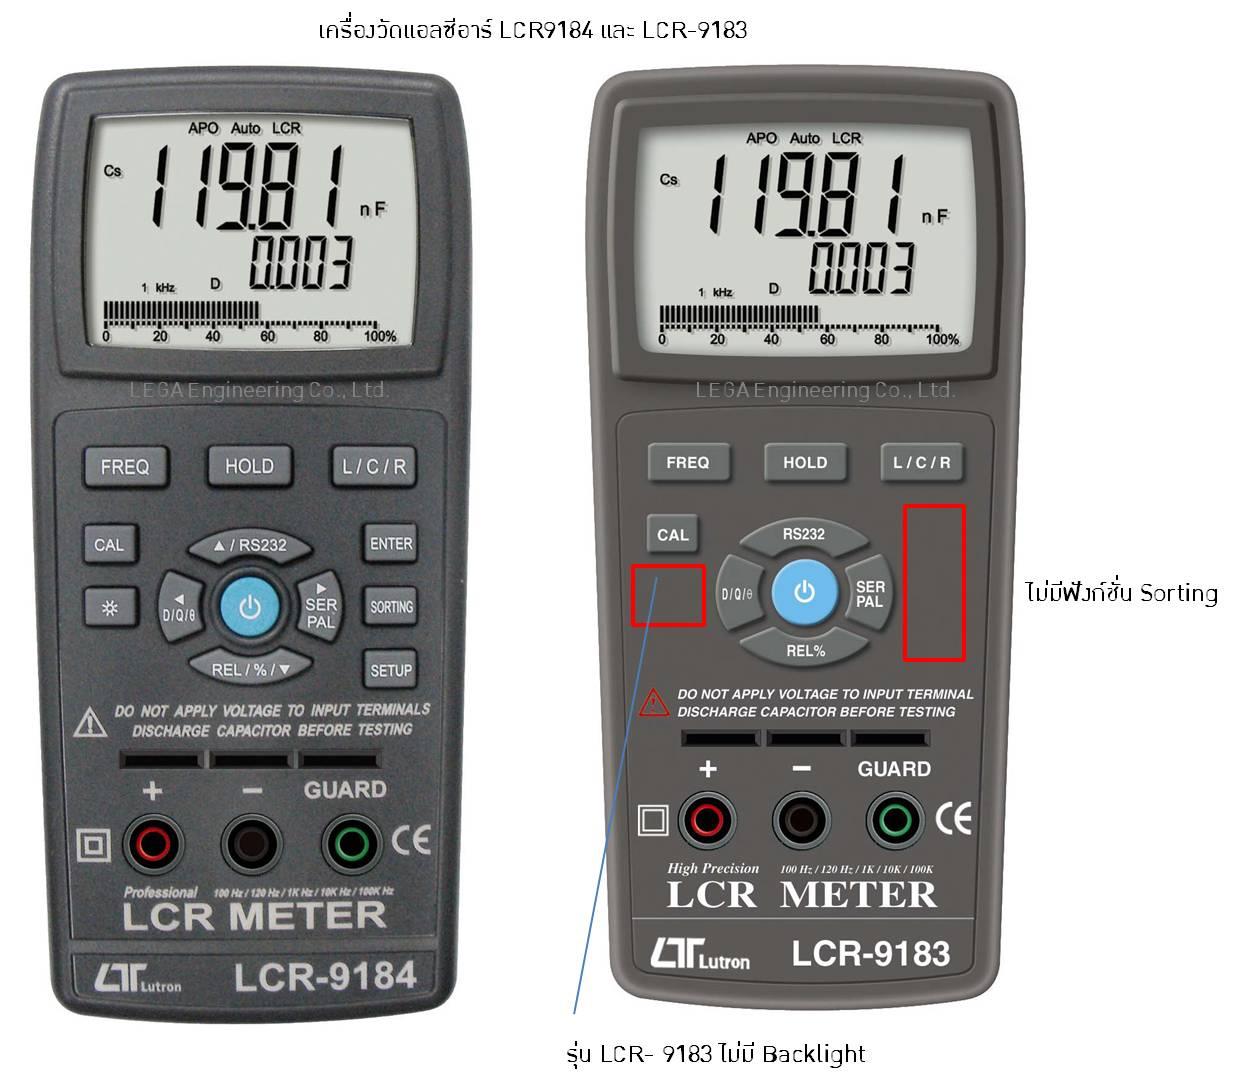 เครื่องวัดแอลซีอาร์, เครื่องวัด LCR, LCR Meter, LCR-9184, Lutron, Resistance Meter, Capacitance Meter, Inductance meter